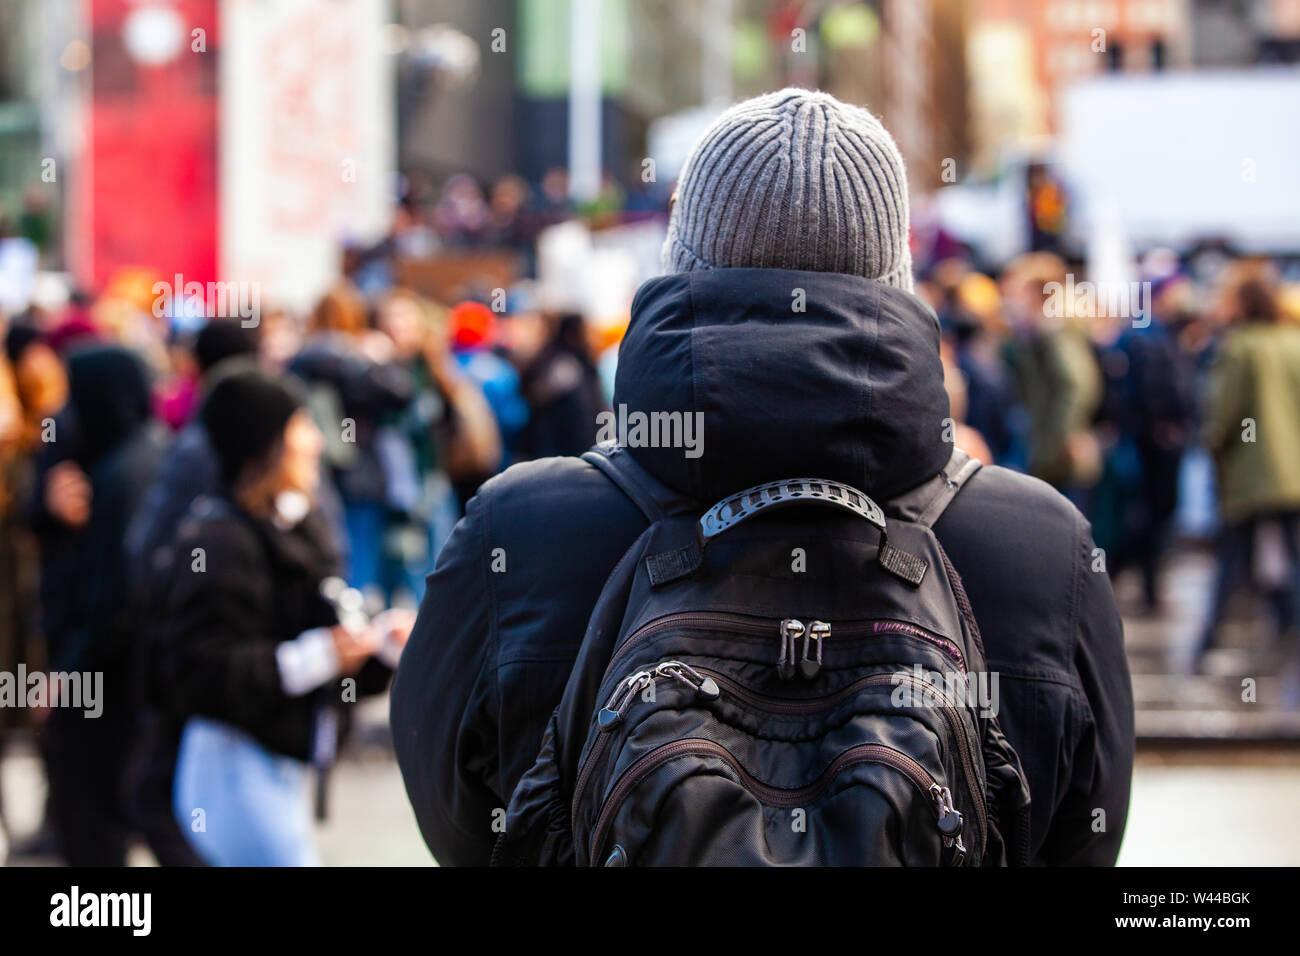 Un hombre que llevaba una mochila es visto desde atrás, como una gran multitud de los ambientalistas se ve borroso en el fondo. Con espacio para copiar Foto de stock